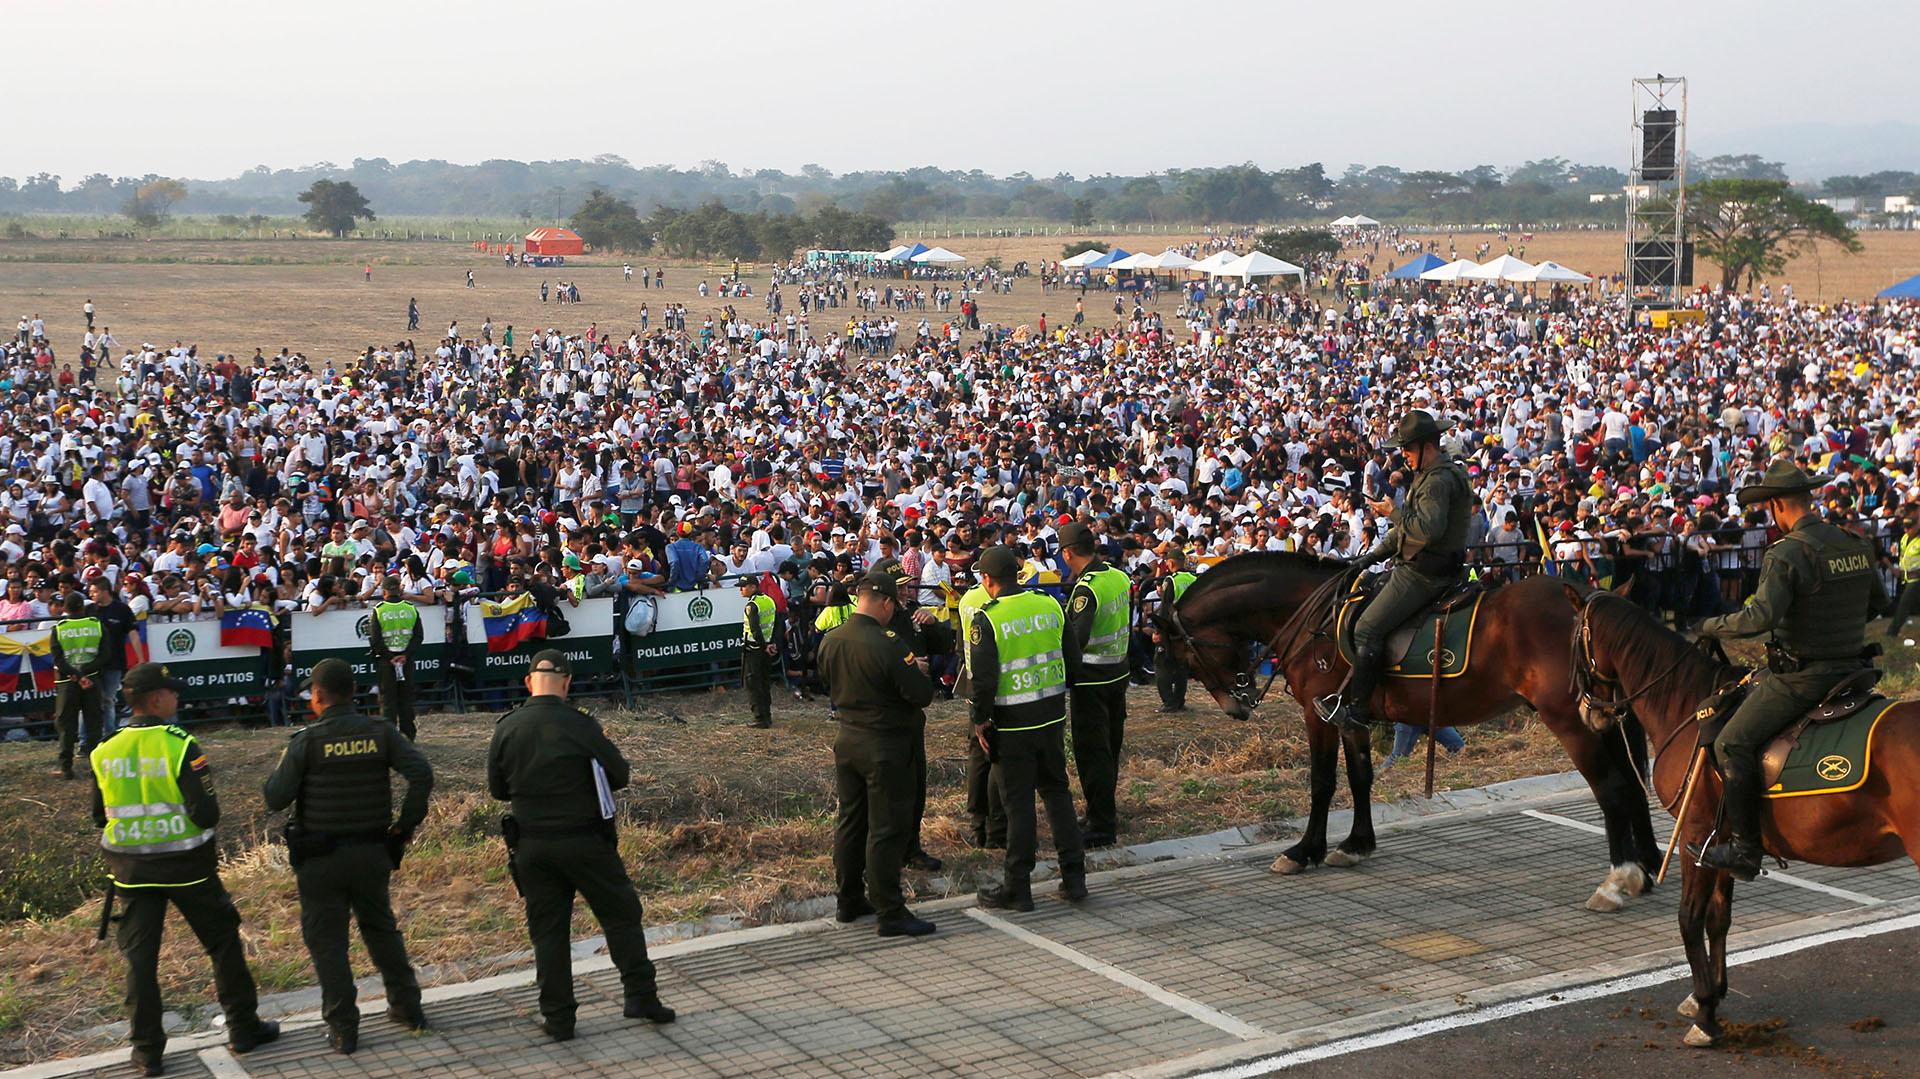 Policías colombianos de a pie y del cuerpo de la montada montan guardia a horas del comienzo del festival Venezuela Aid Live, mientras la gente ya se agolpa frente al escenario (Reuters/Luisa Gonzalez)